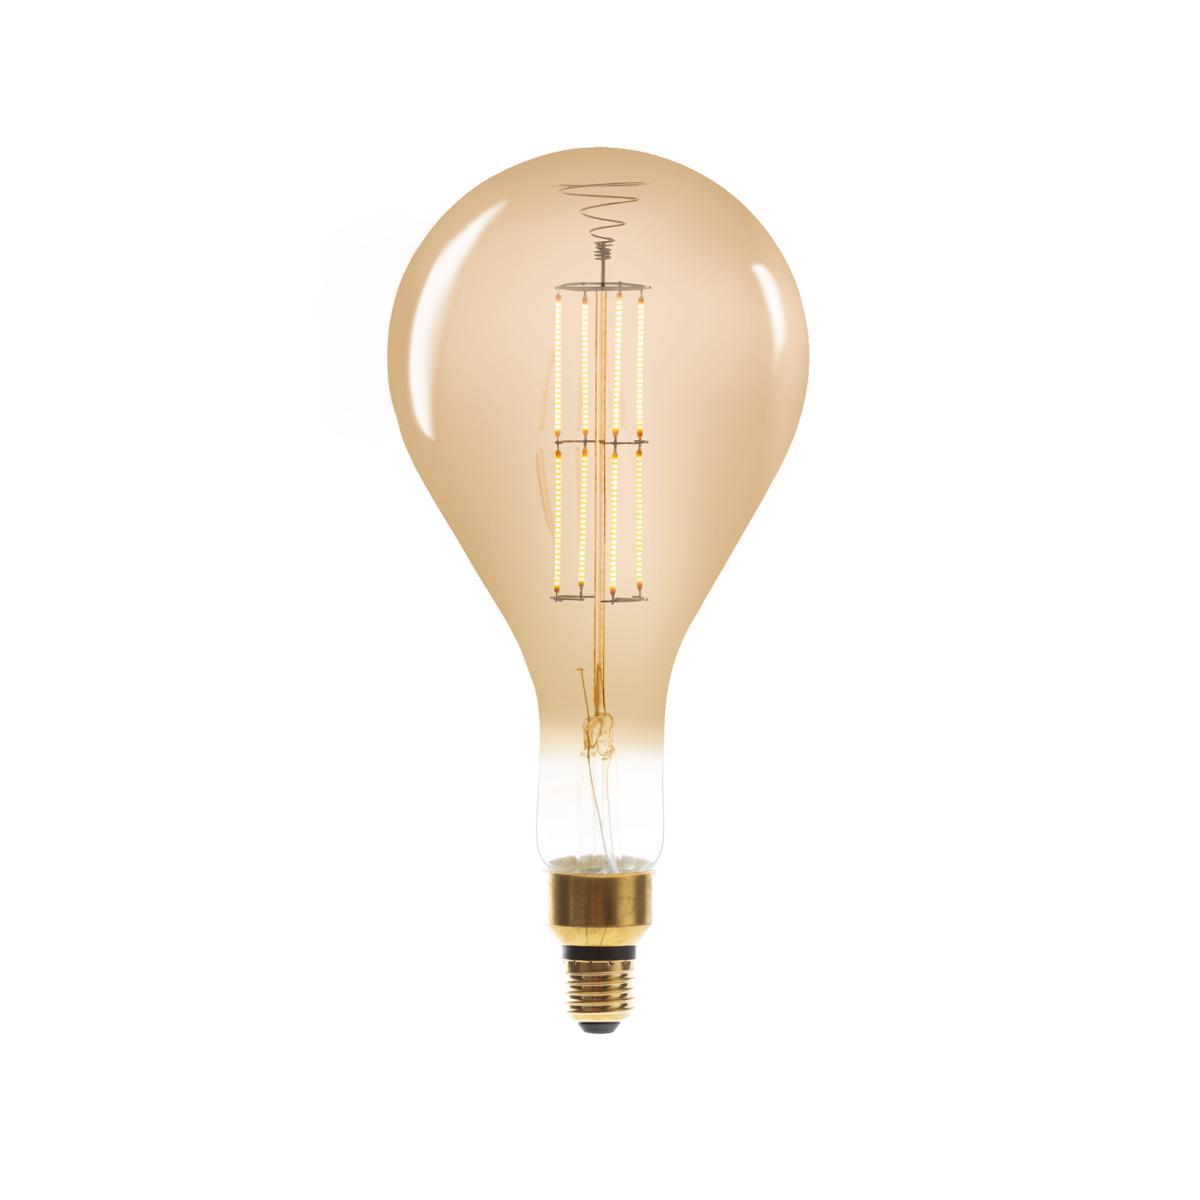 Ampoule LED Ambrée PS160 6W